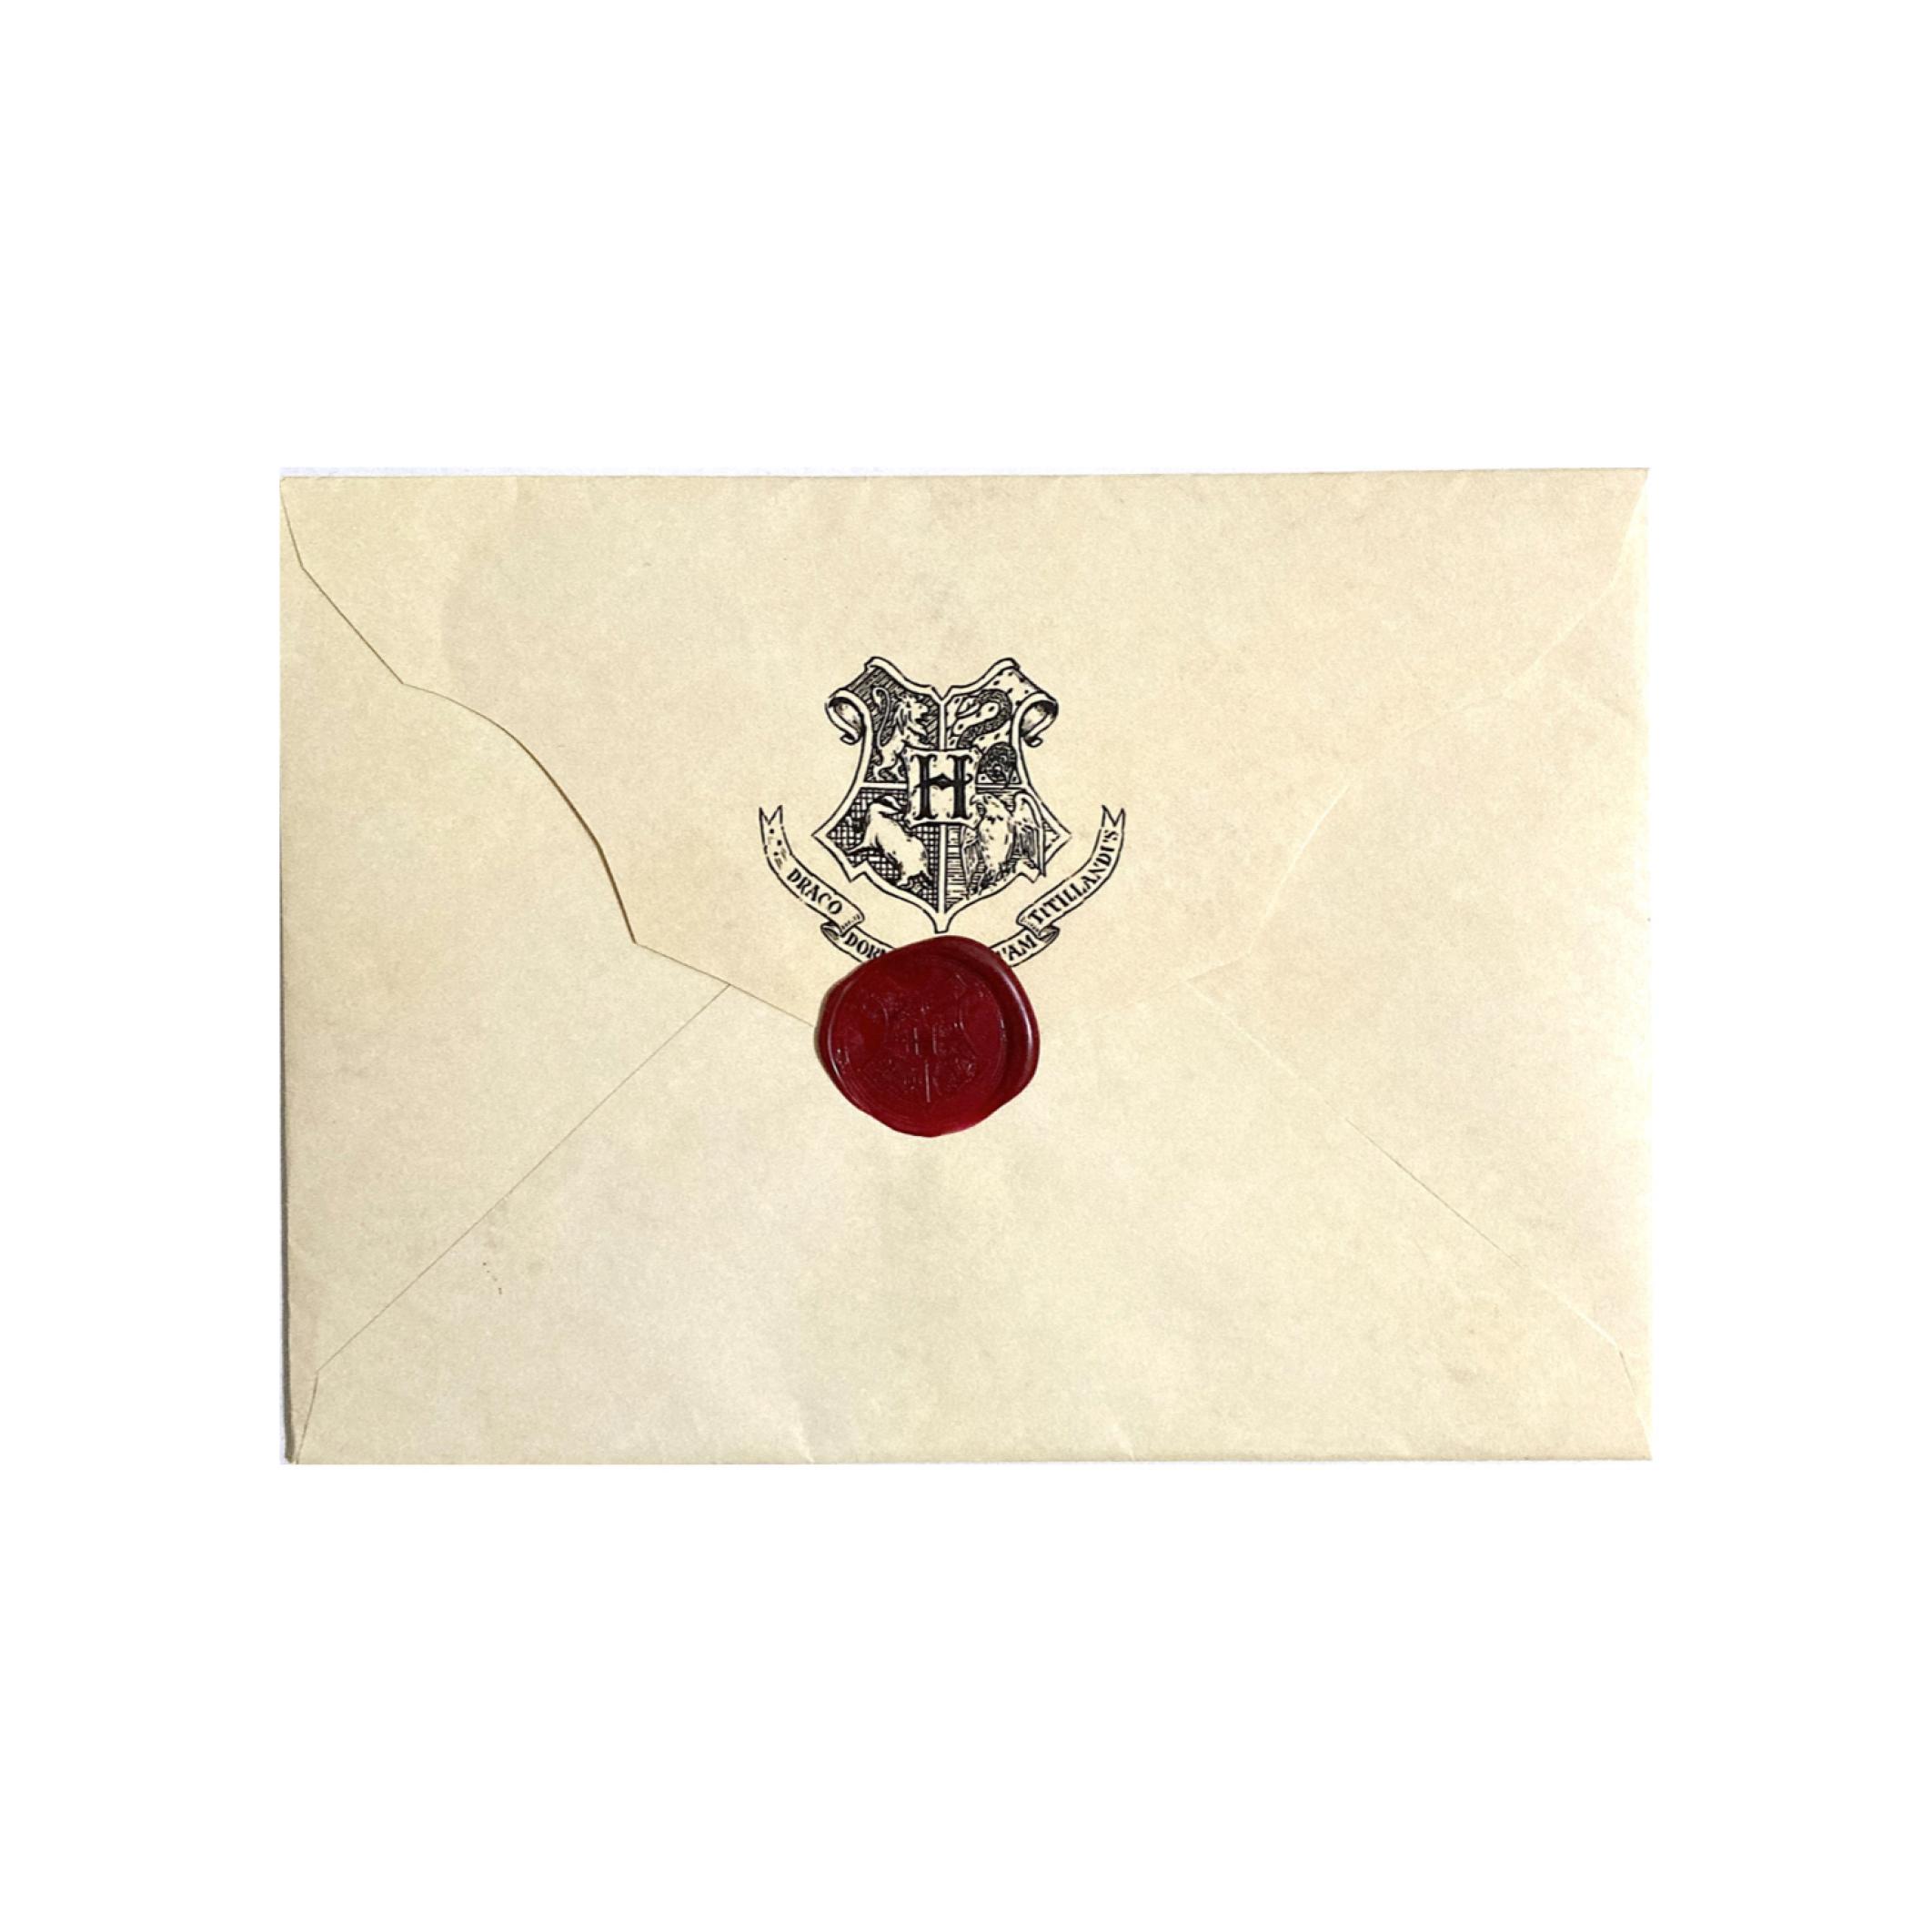 خرید پاکت نامه هری پاتر